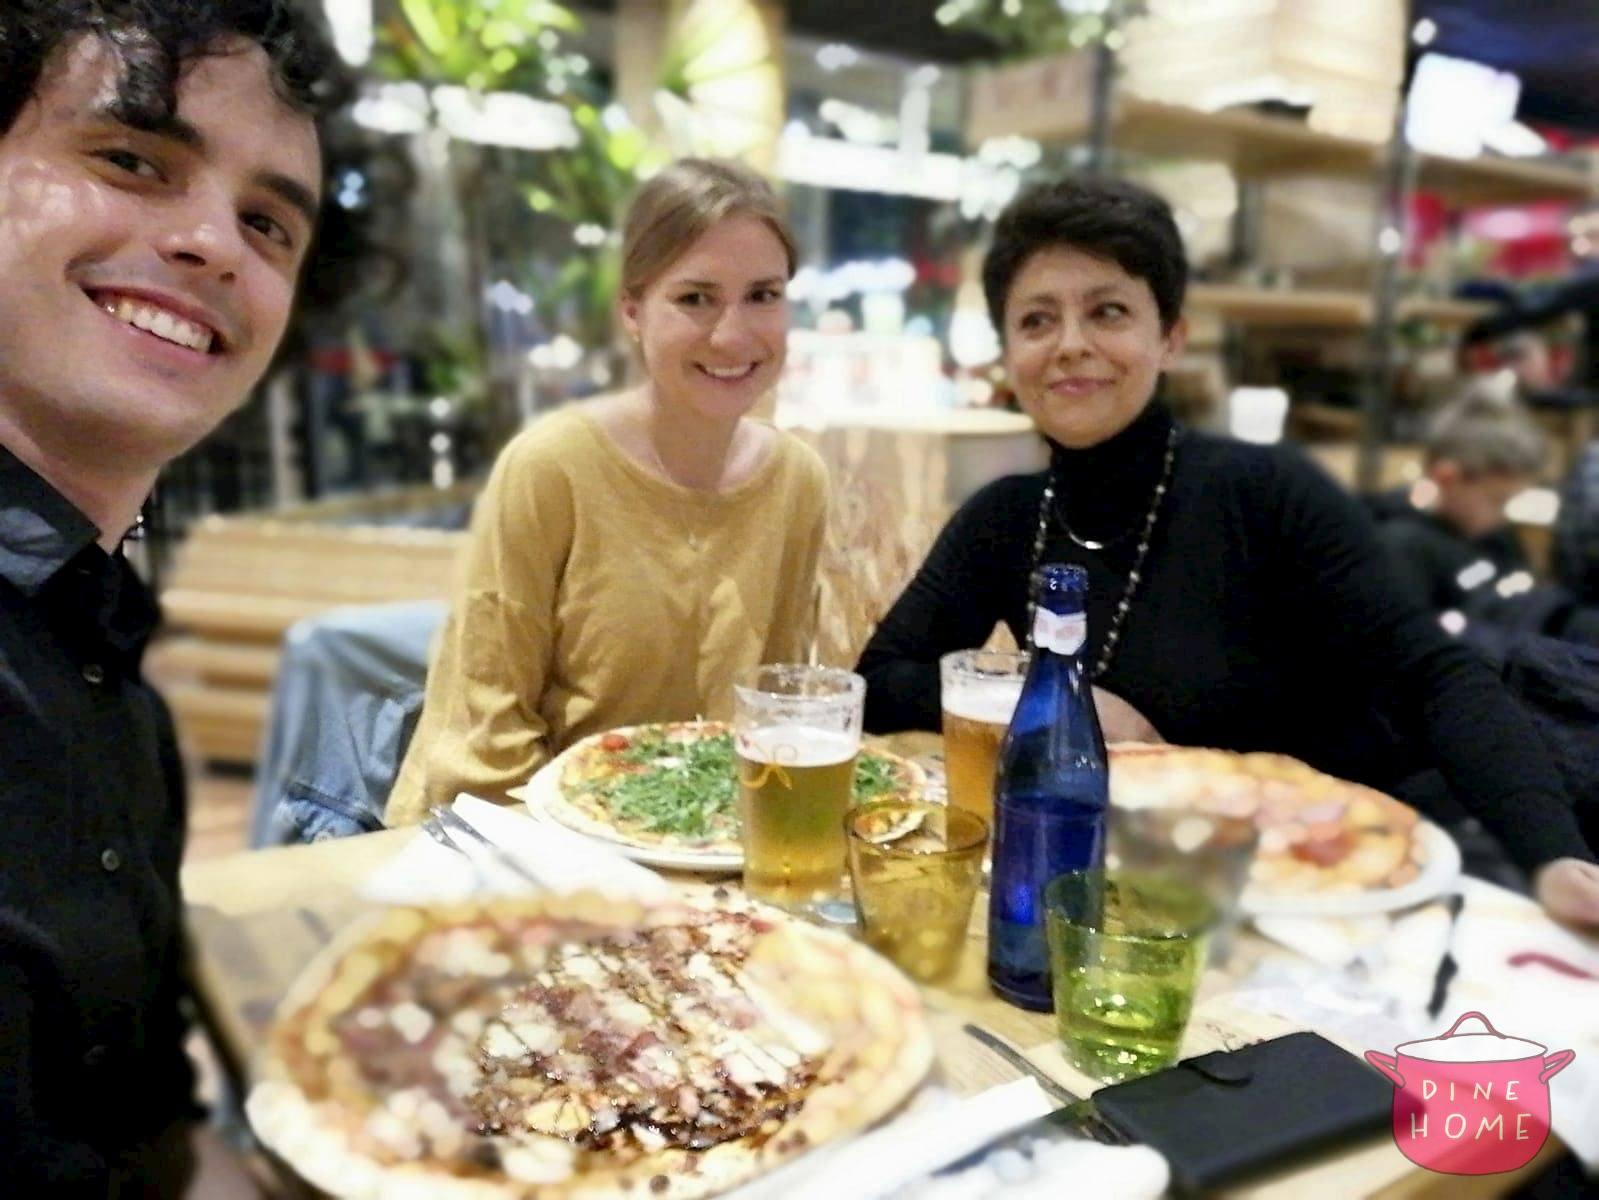 Magdalena, studentessa dalla Germania, a cena dalla sua famiglia Dinehome.